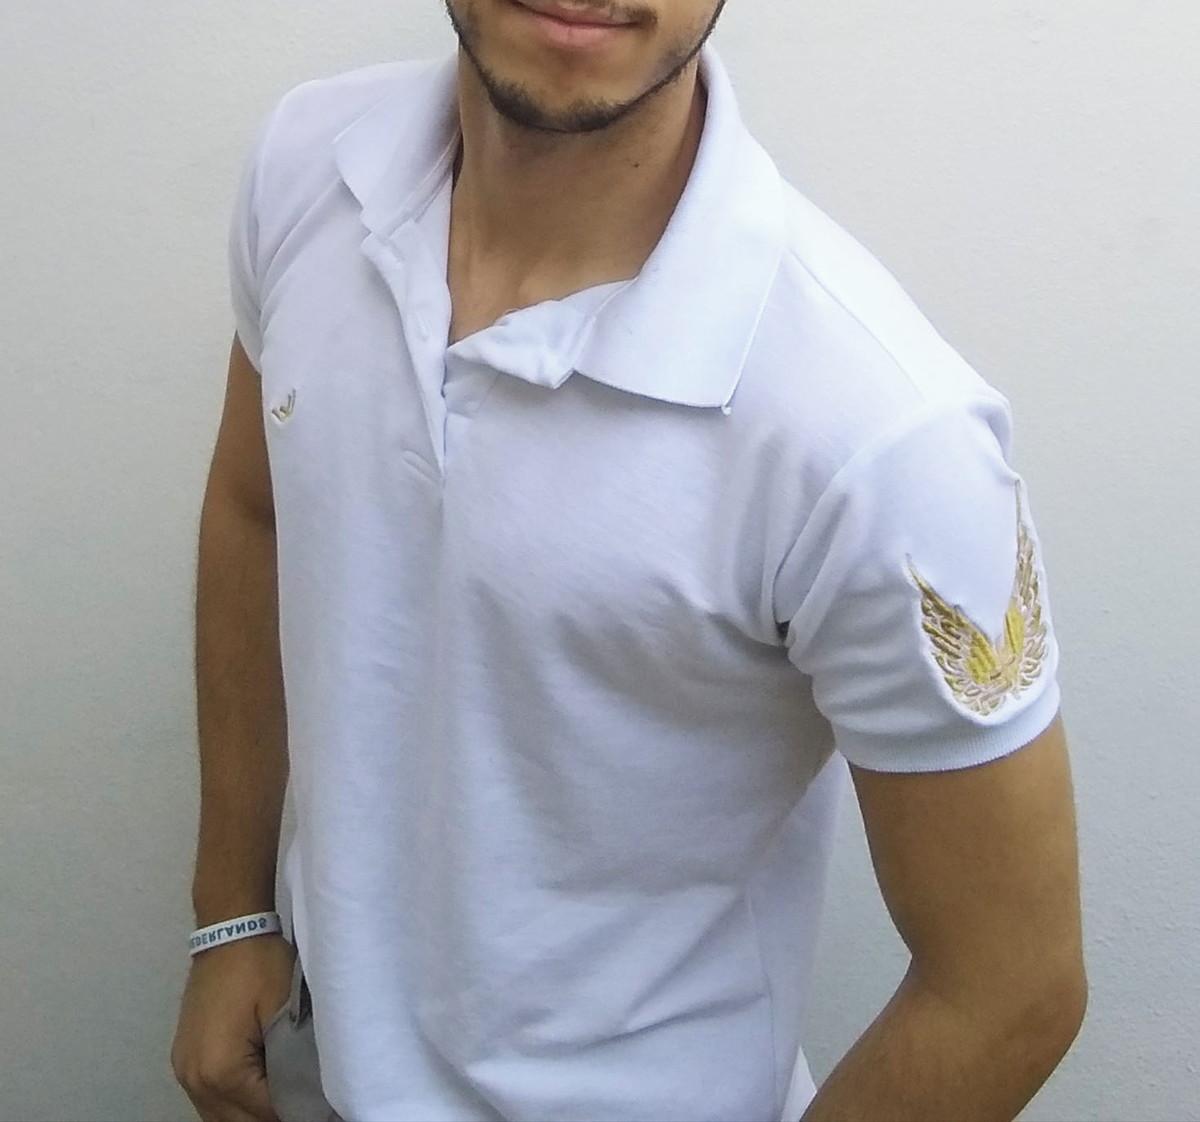 6623352eb7 Camisa polo masculina piquet Limitless branca + brinde no Elo7 ...